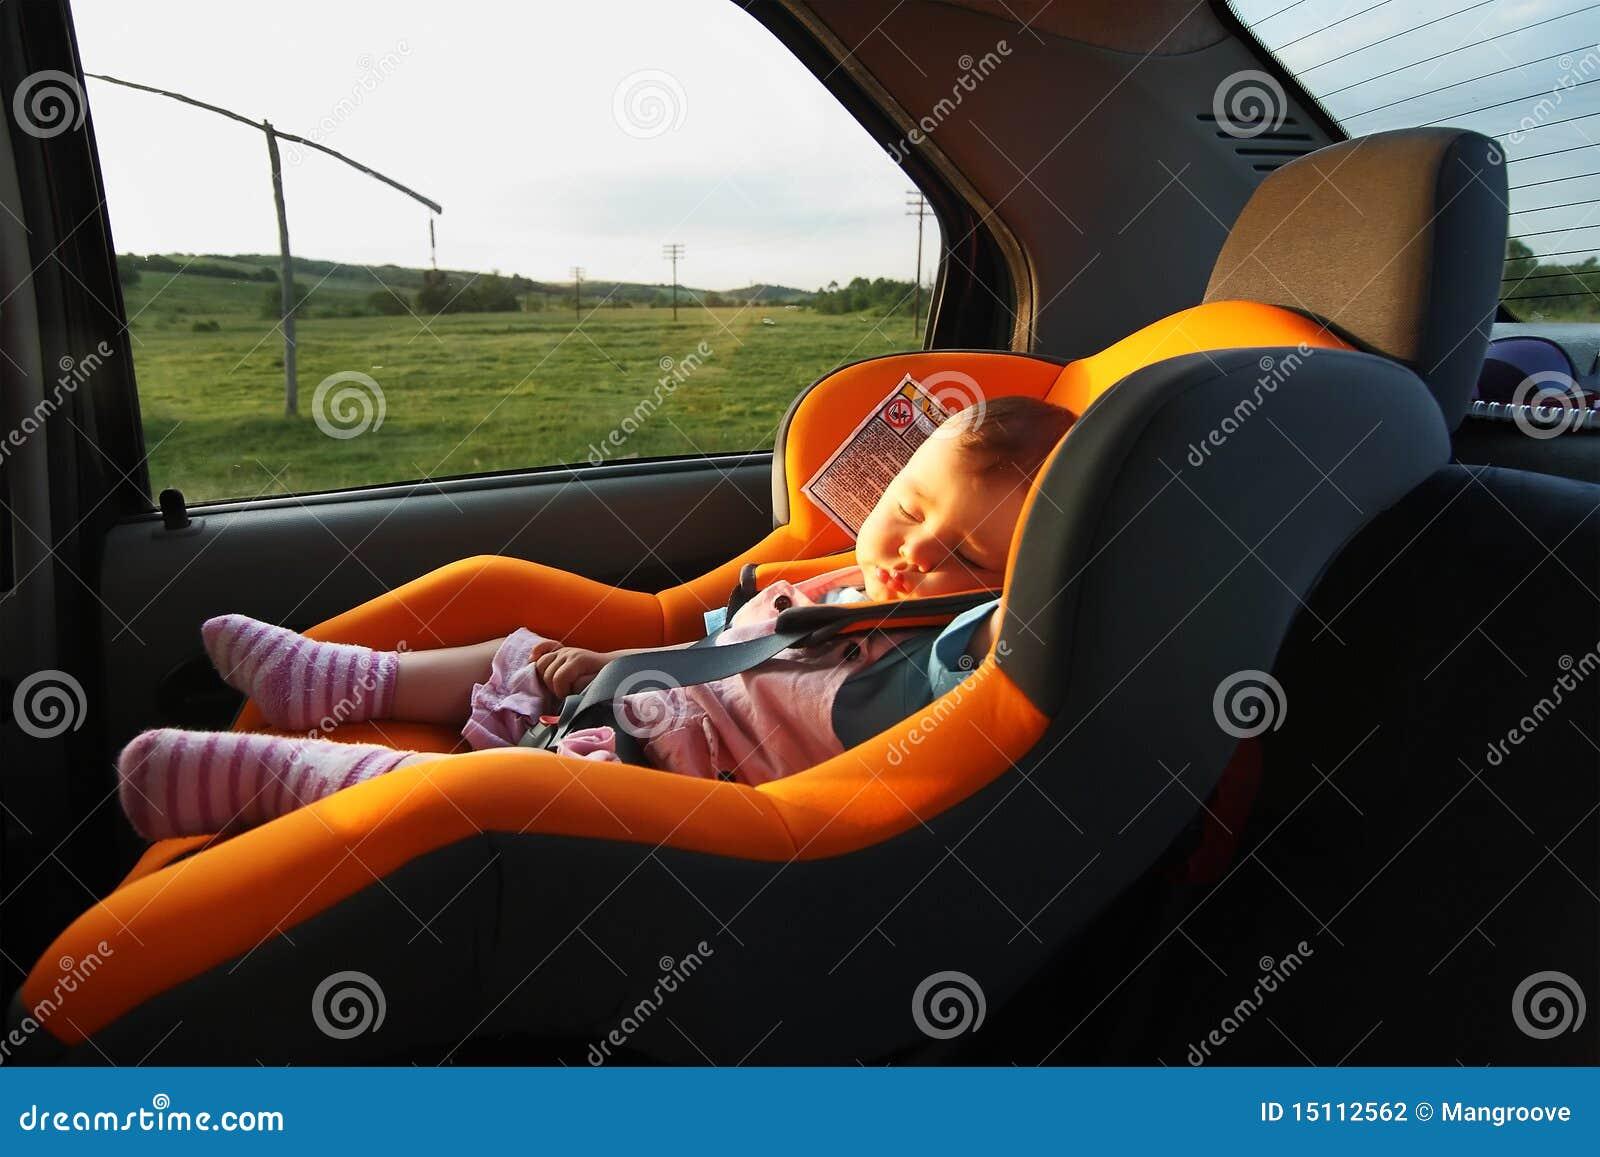 schlafen im auto auf dem methodenhaus stockfoto bild von. Black Bedroom Furniture Sets. Home Design Ideas